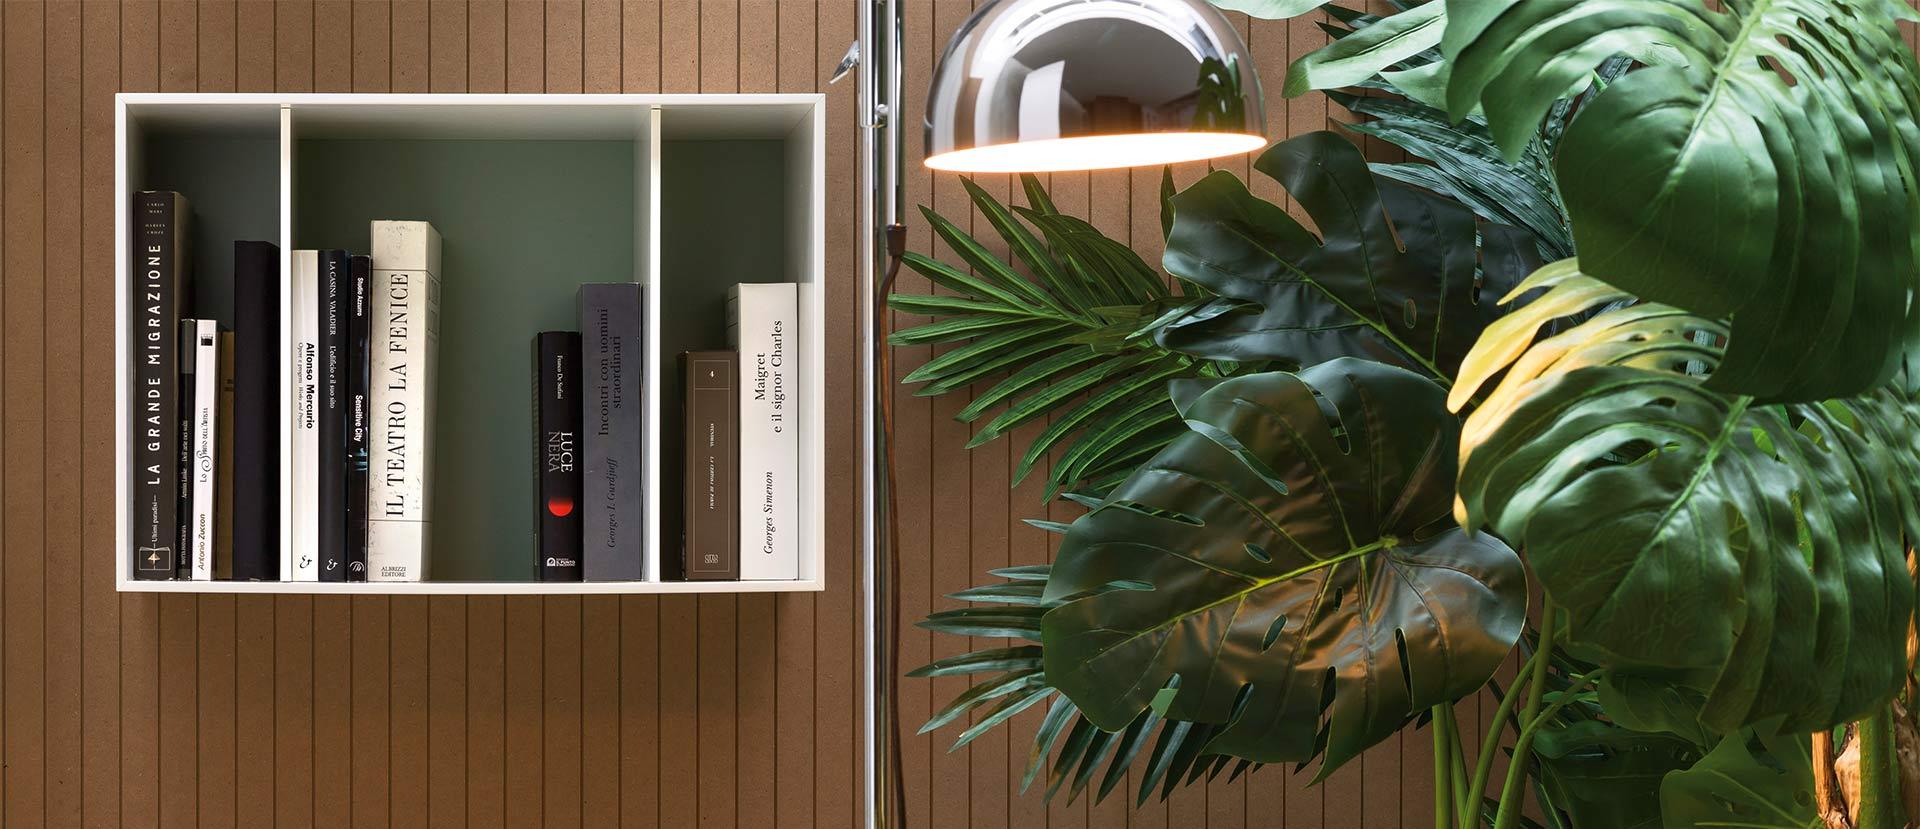 Wohnzimmergestaltung: Trendpflanze Philodendron